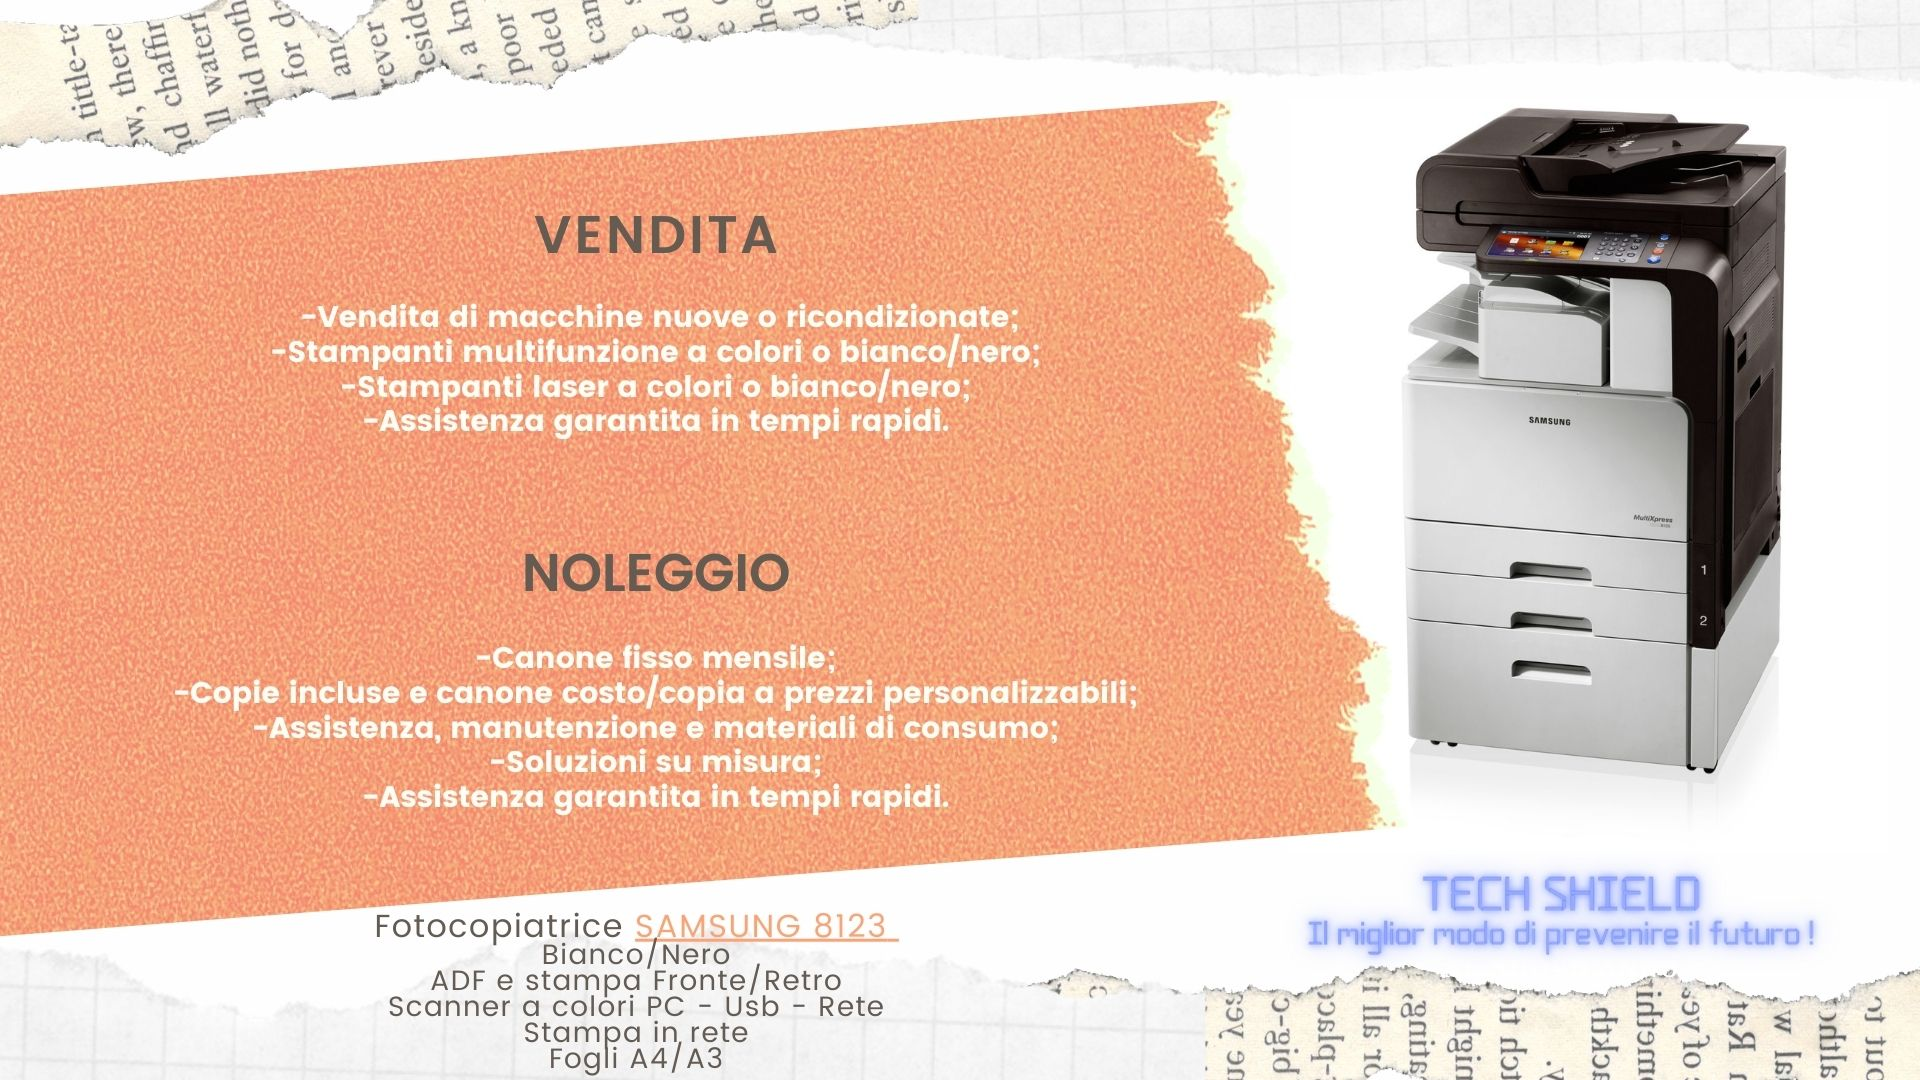 VENDITA E NOLEGGIO MACCHINE DA UFFICIO - Tech Shield